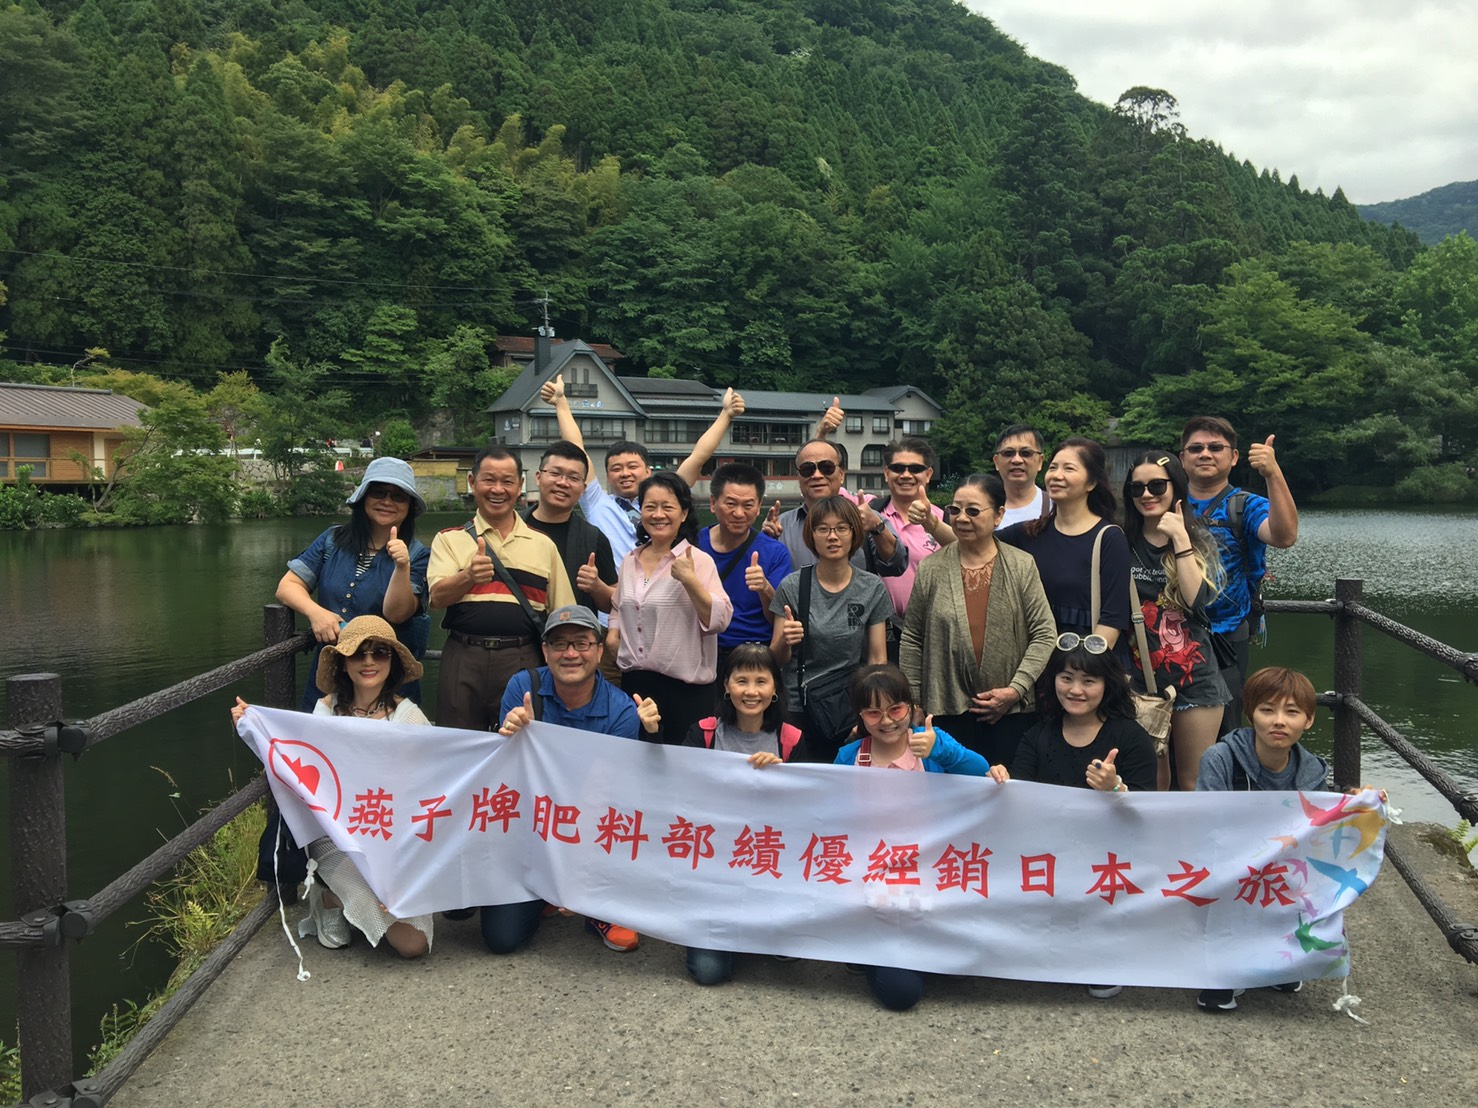 108年度燕子牌肥料部績優經銷日本之旅